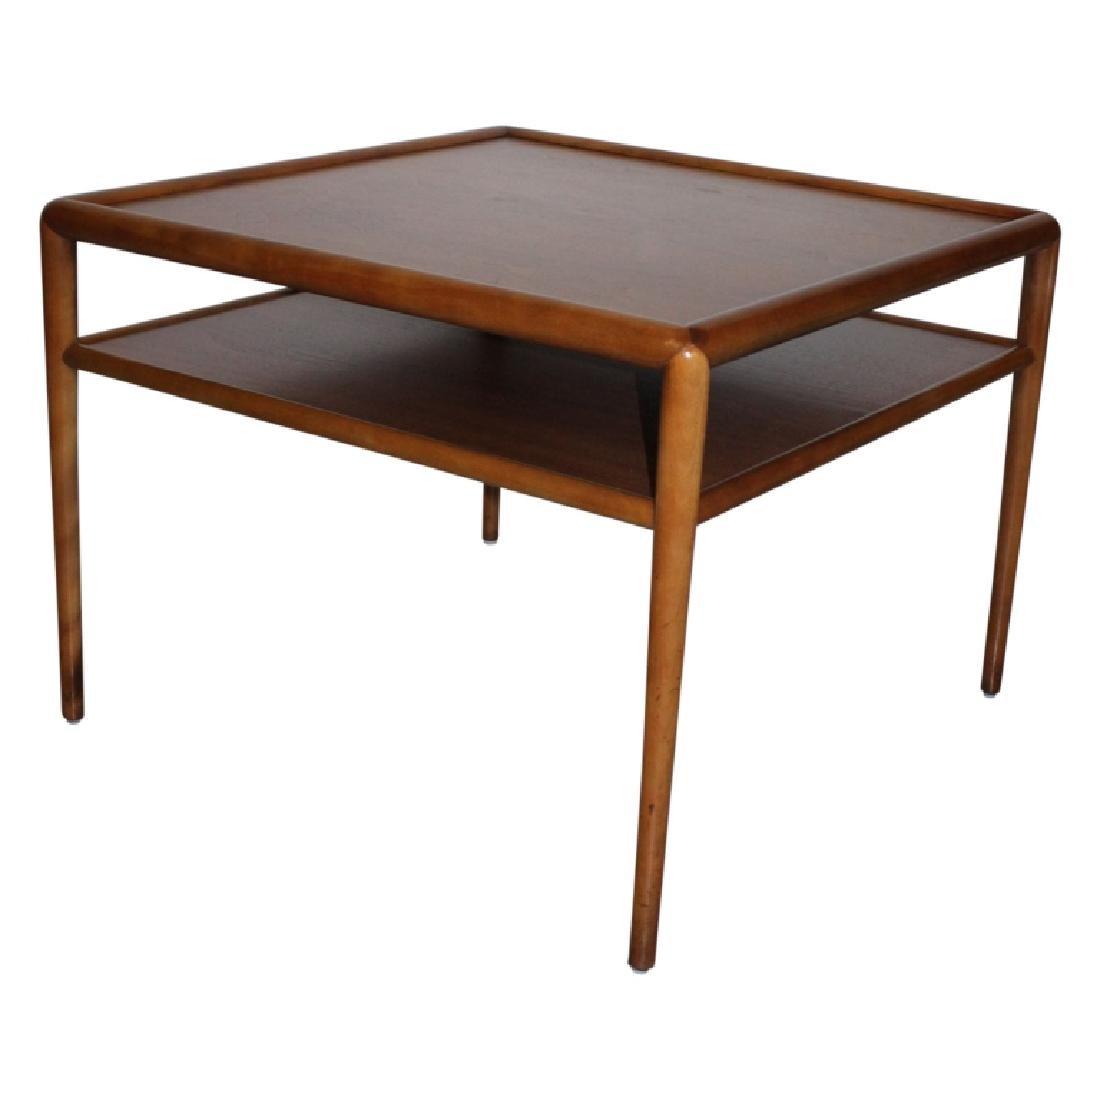 ROBSJOHN-GIBBINGS FOR WIDDICOMB SIDE TABLE